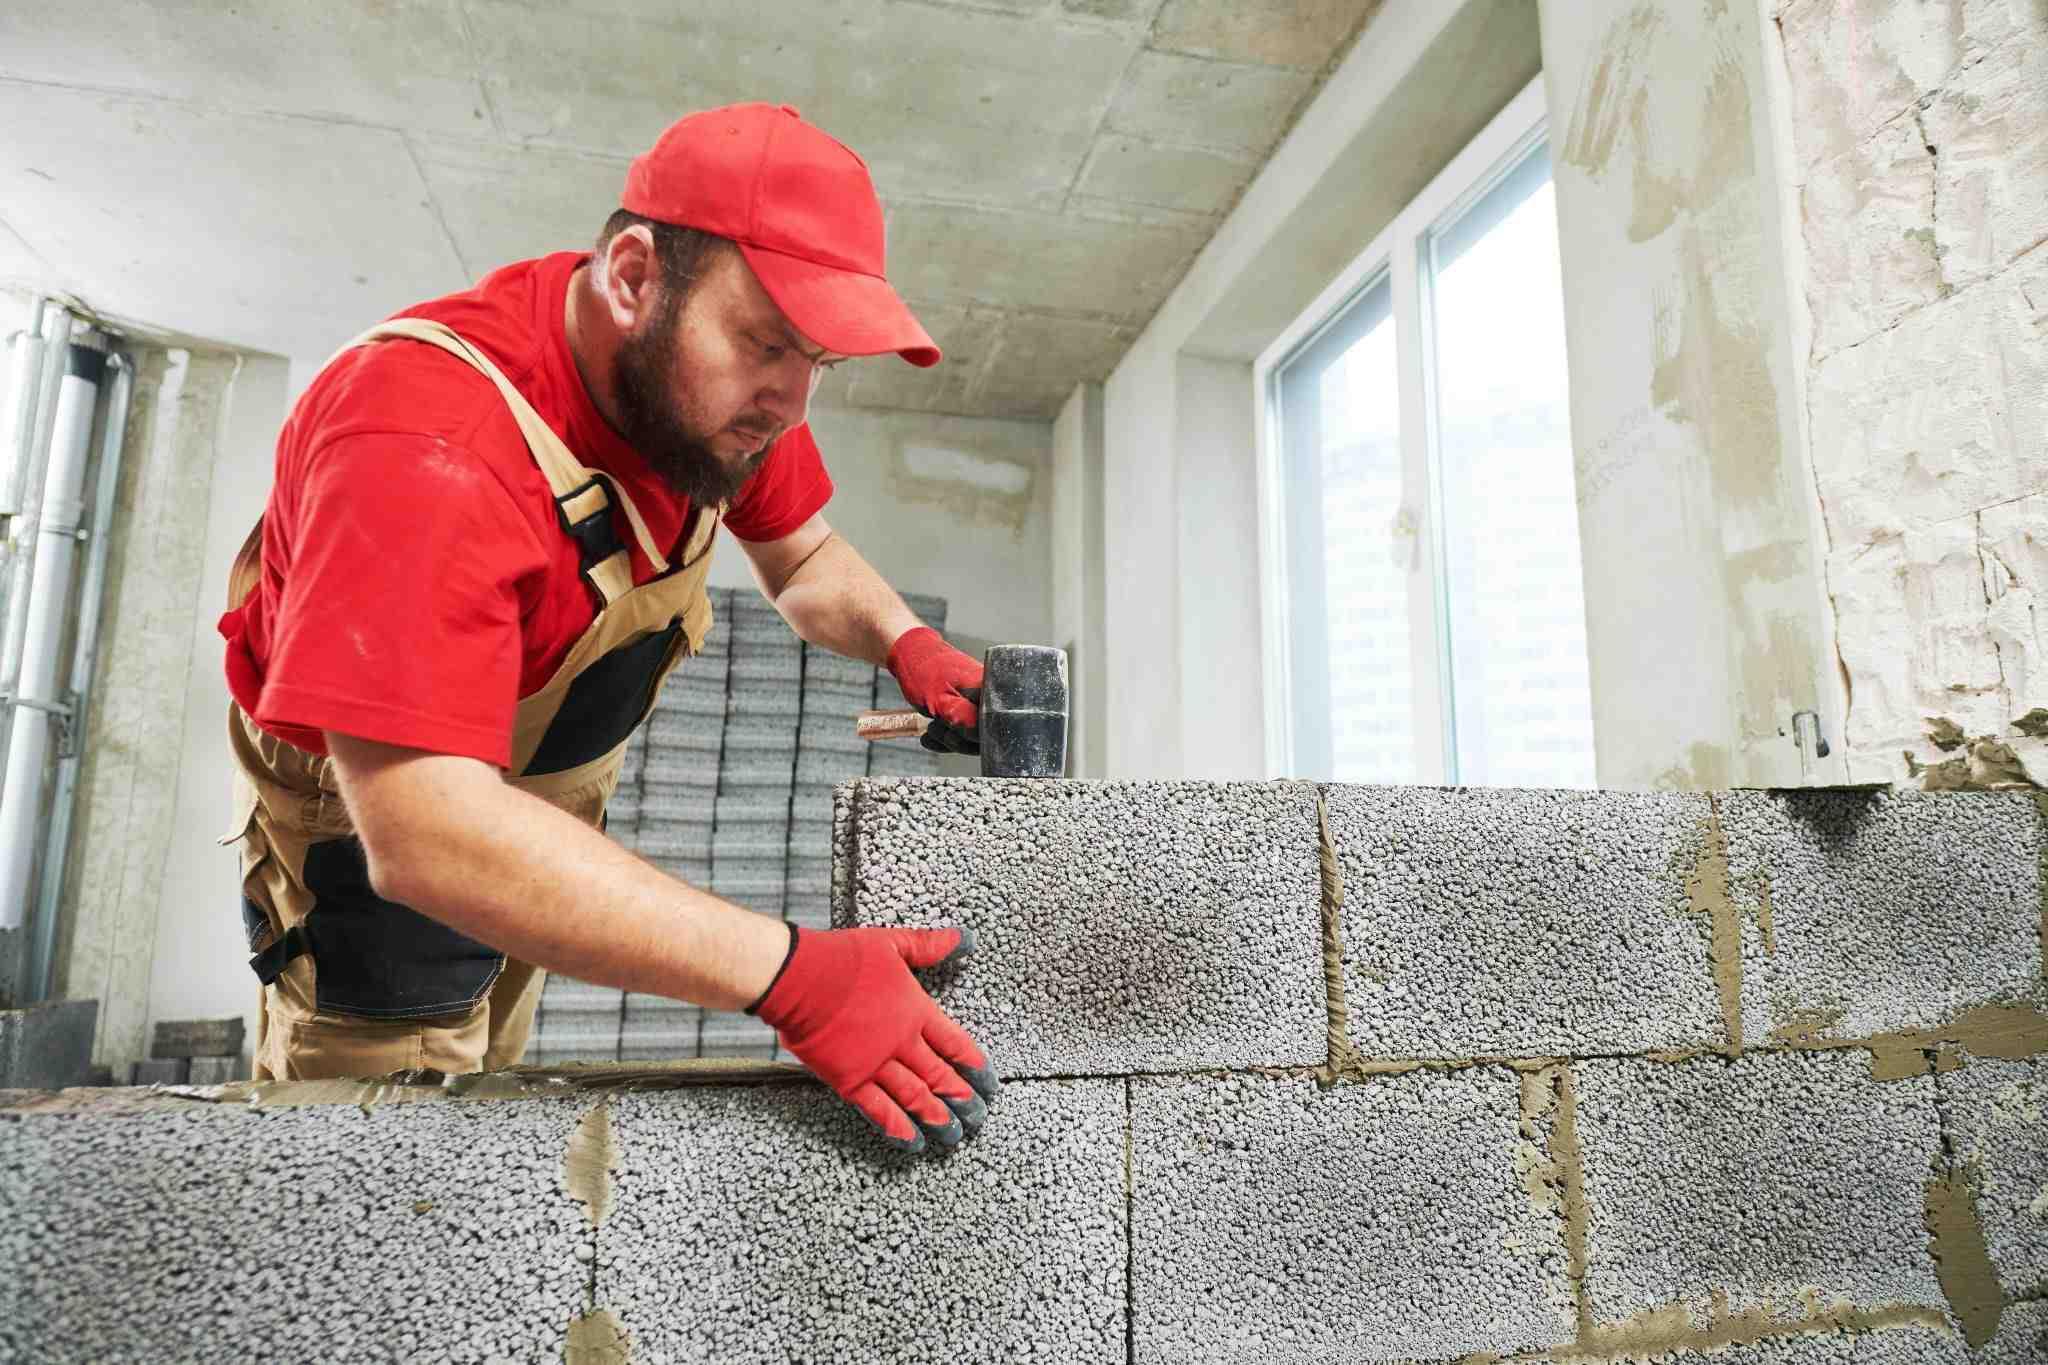 Comment déterminer le coût d'un chantier de maçonnerie?